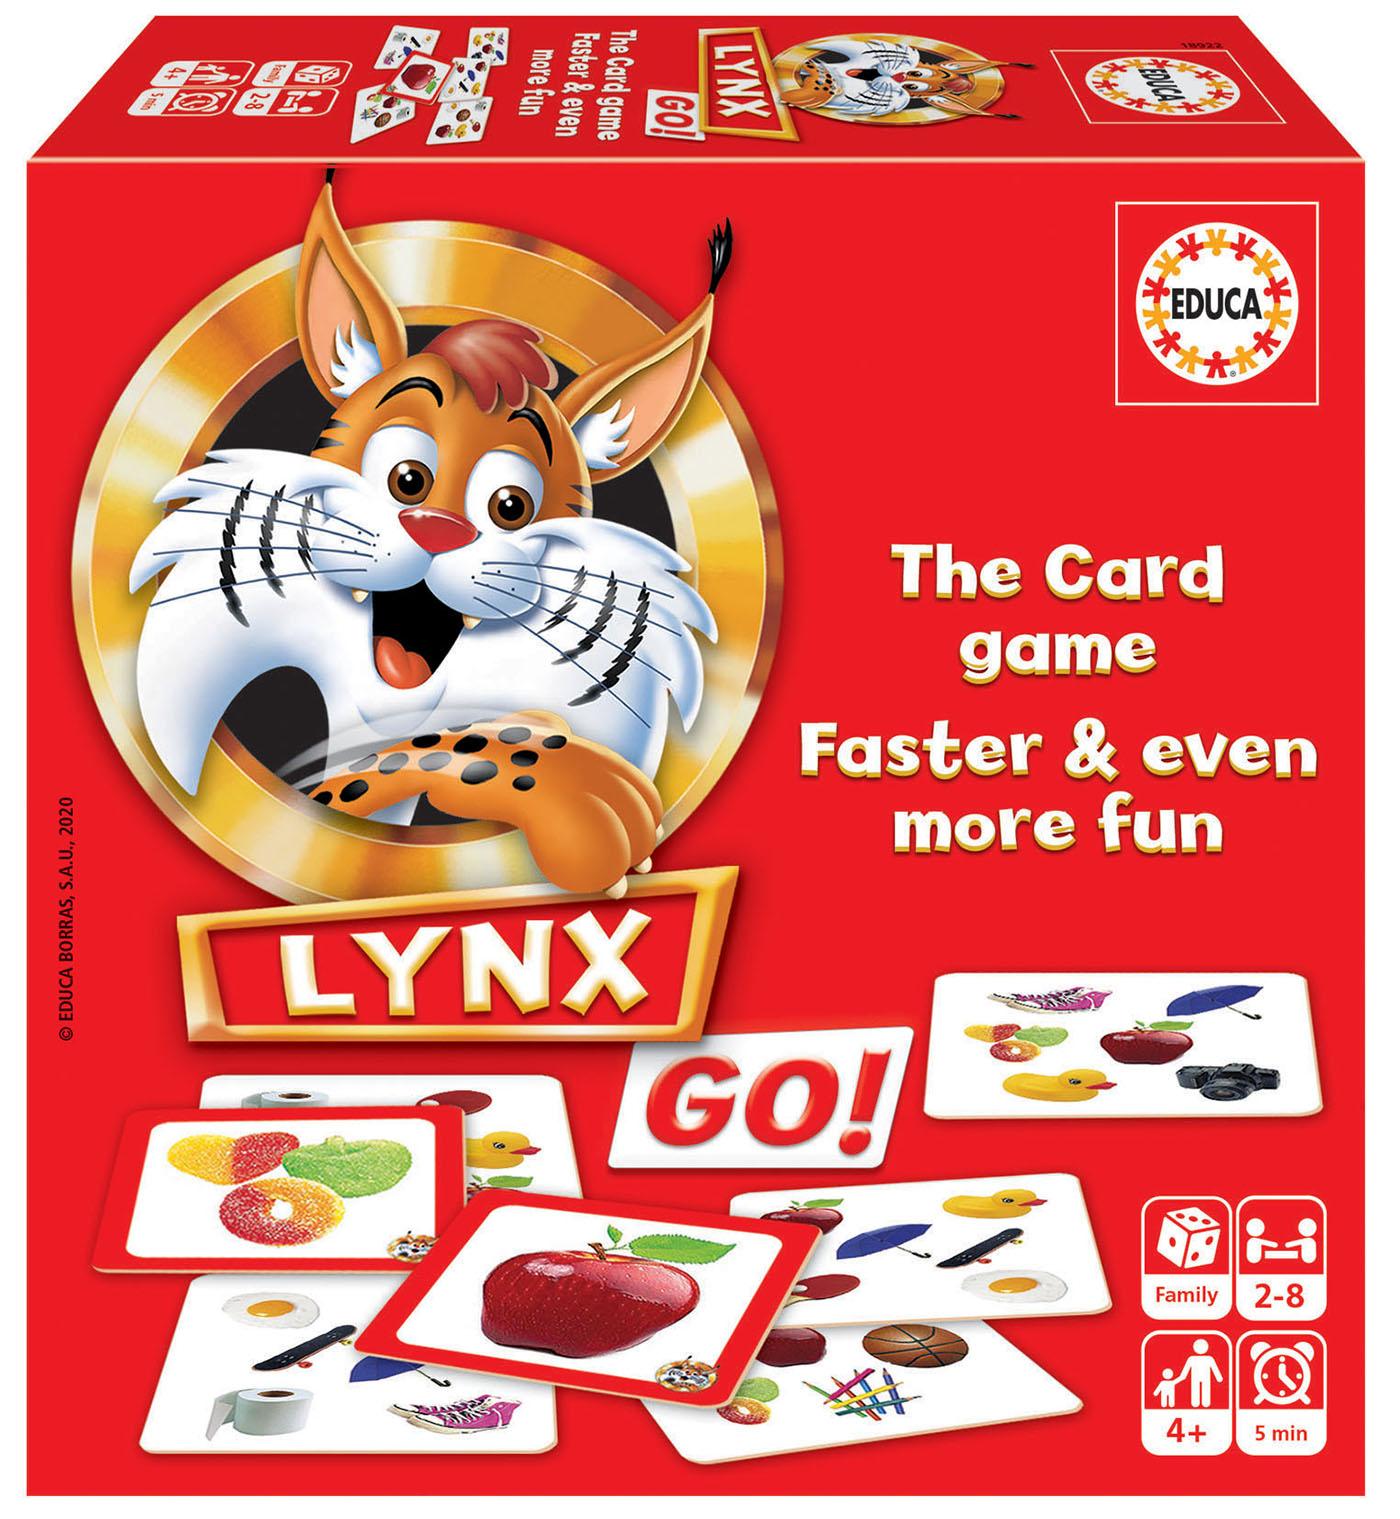 Lynx Go!